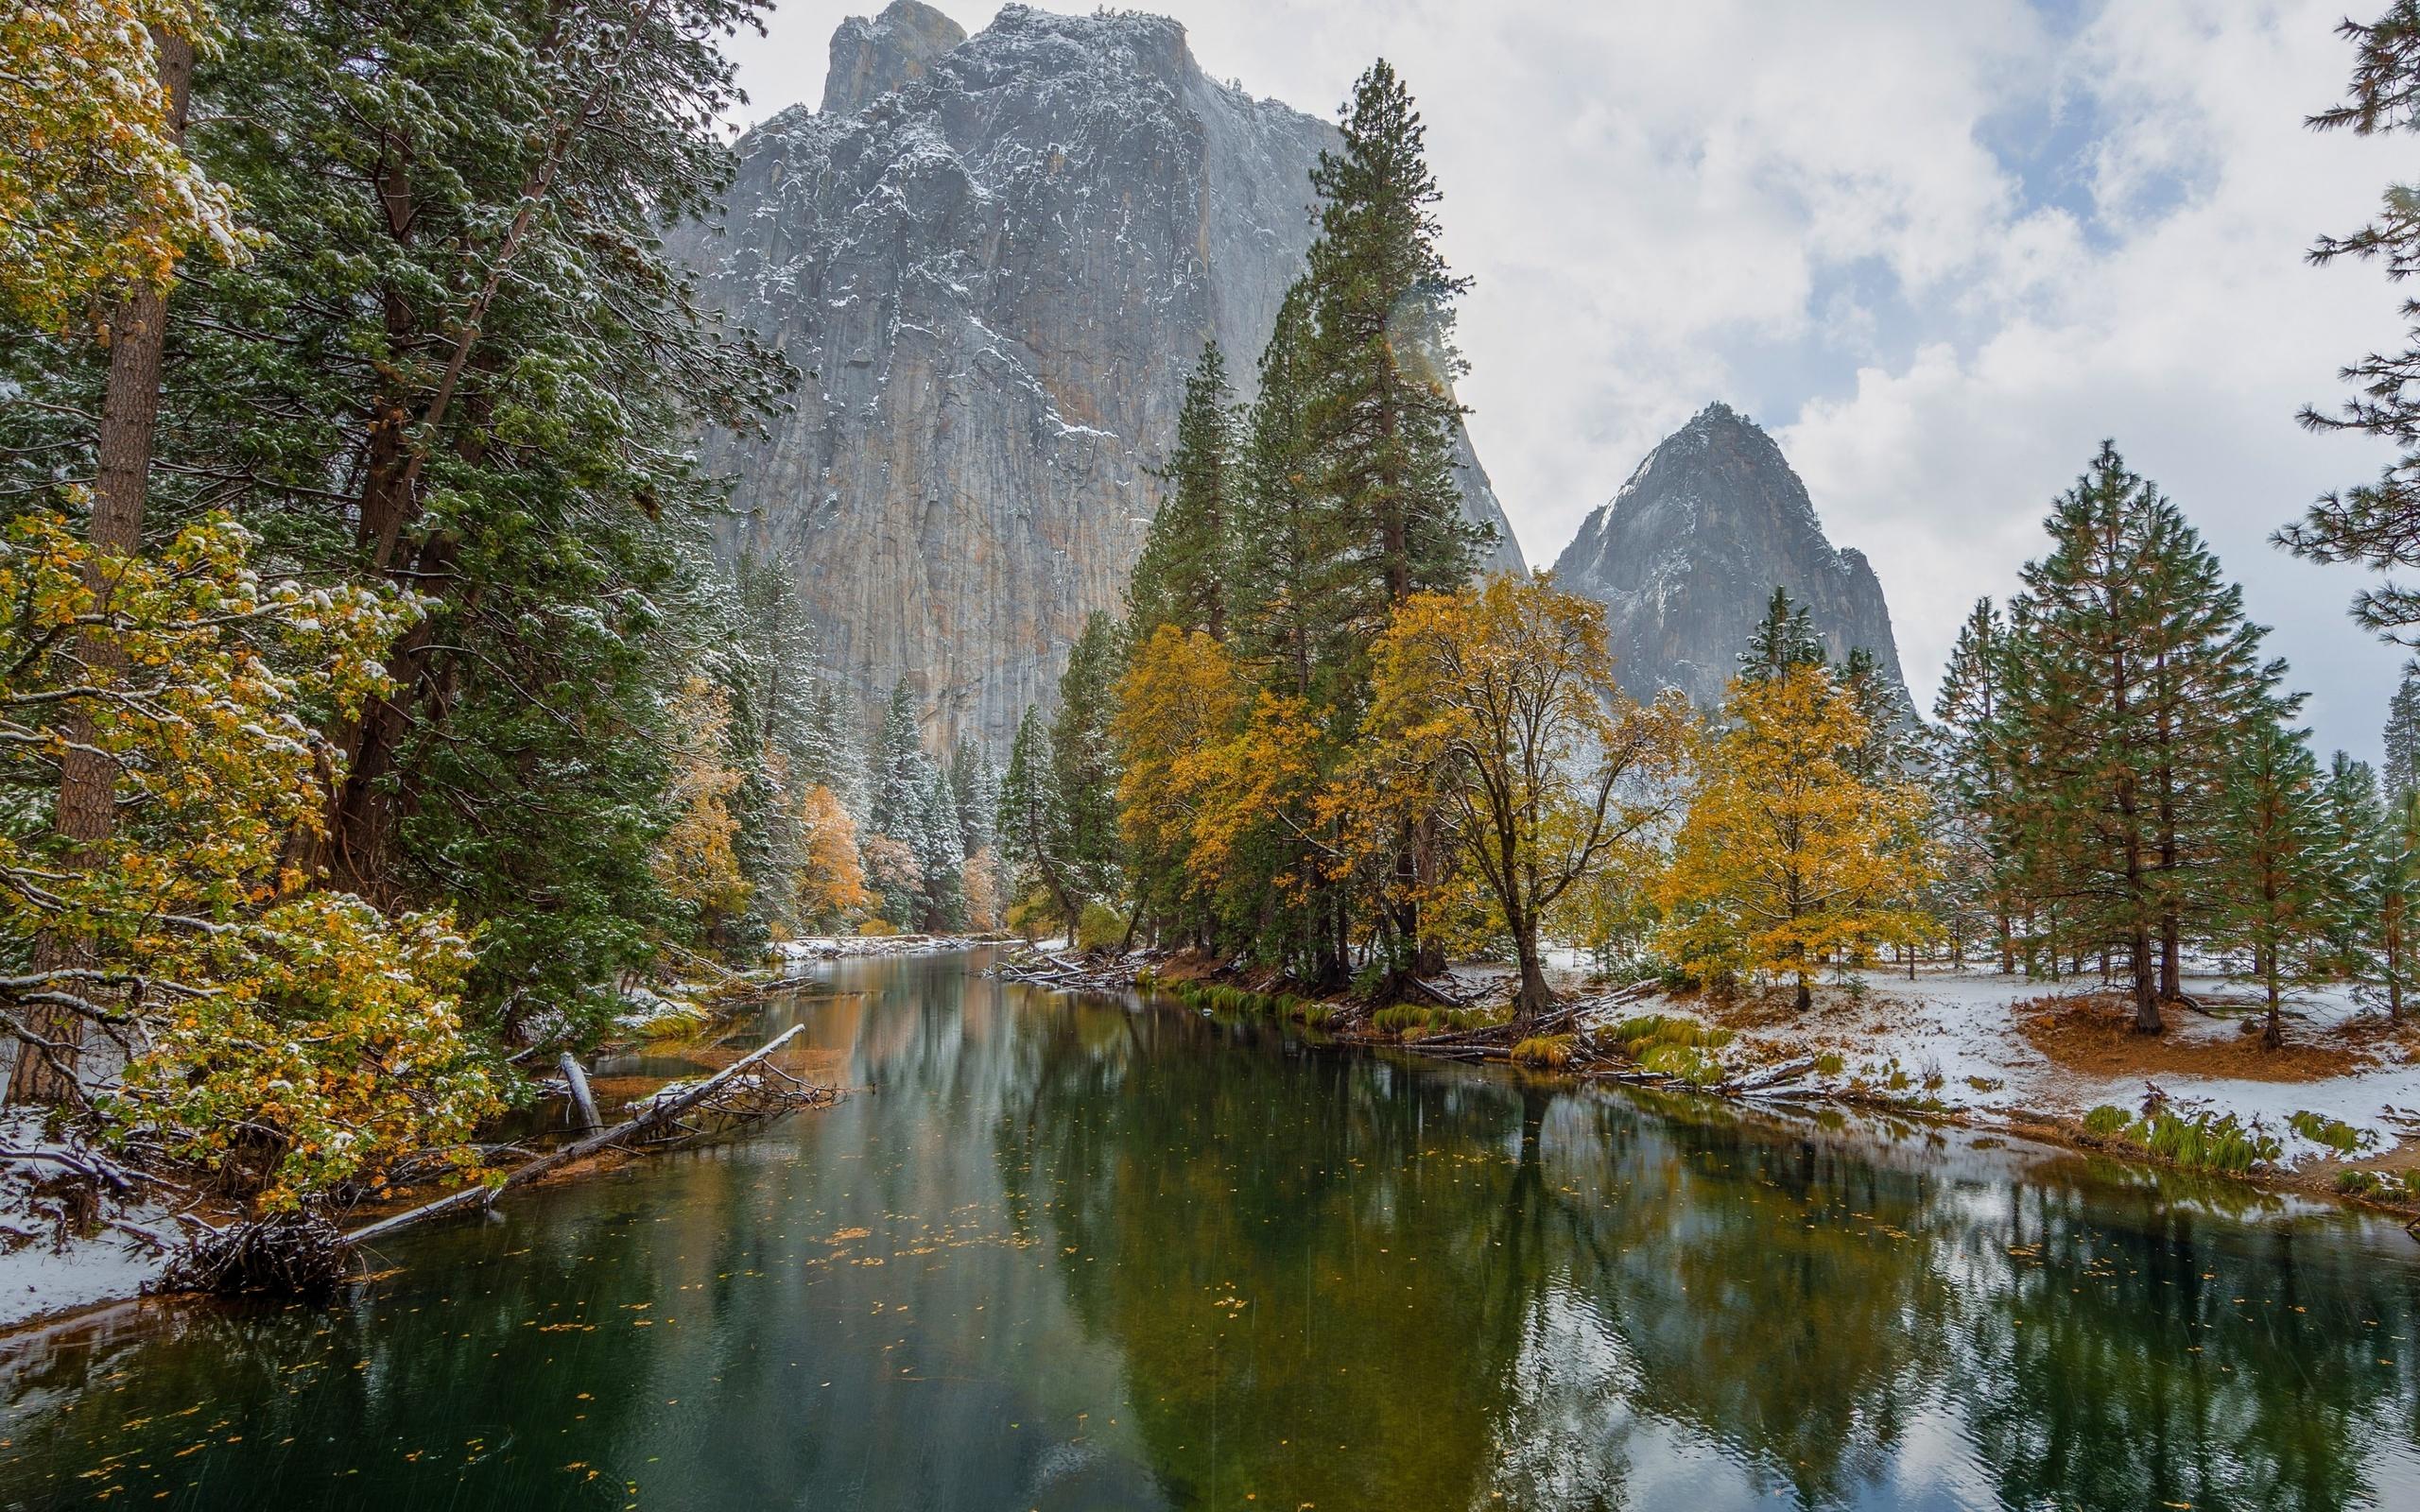 осень, горы, йосемити, деревья, снег, калифорния, природа